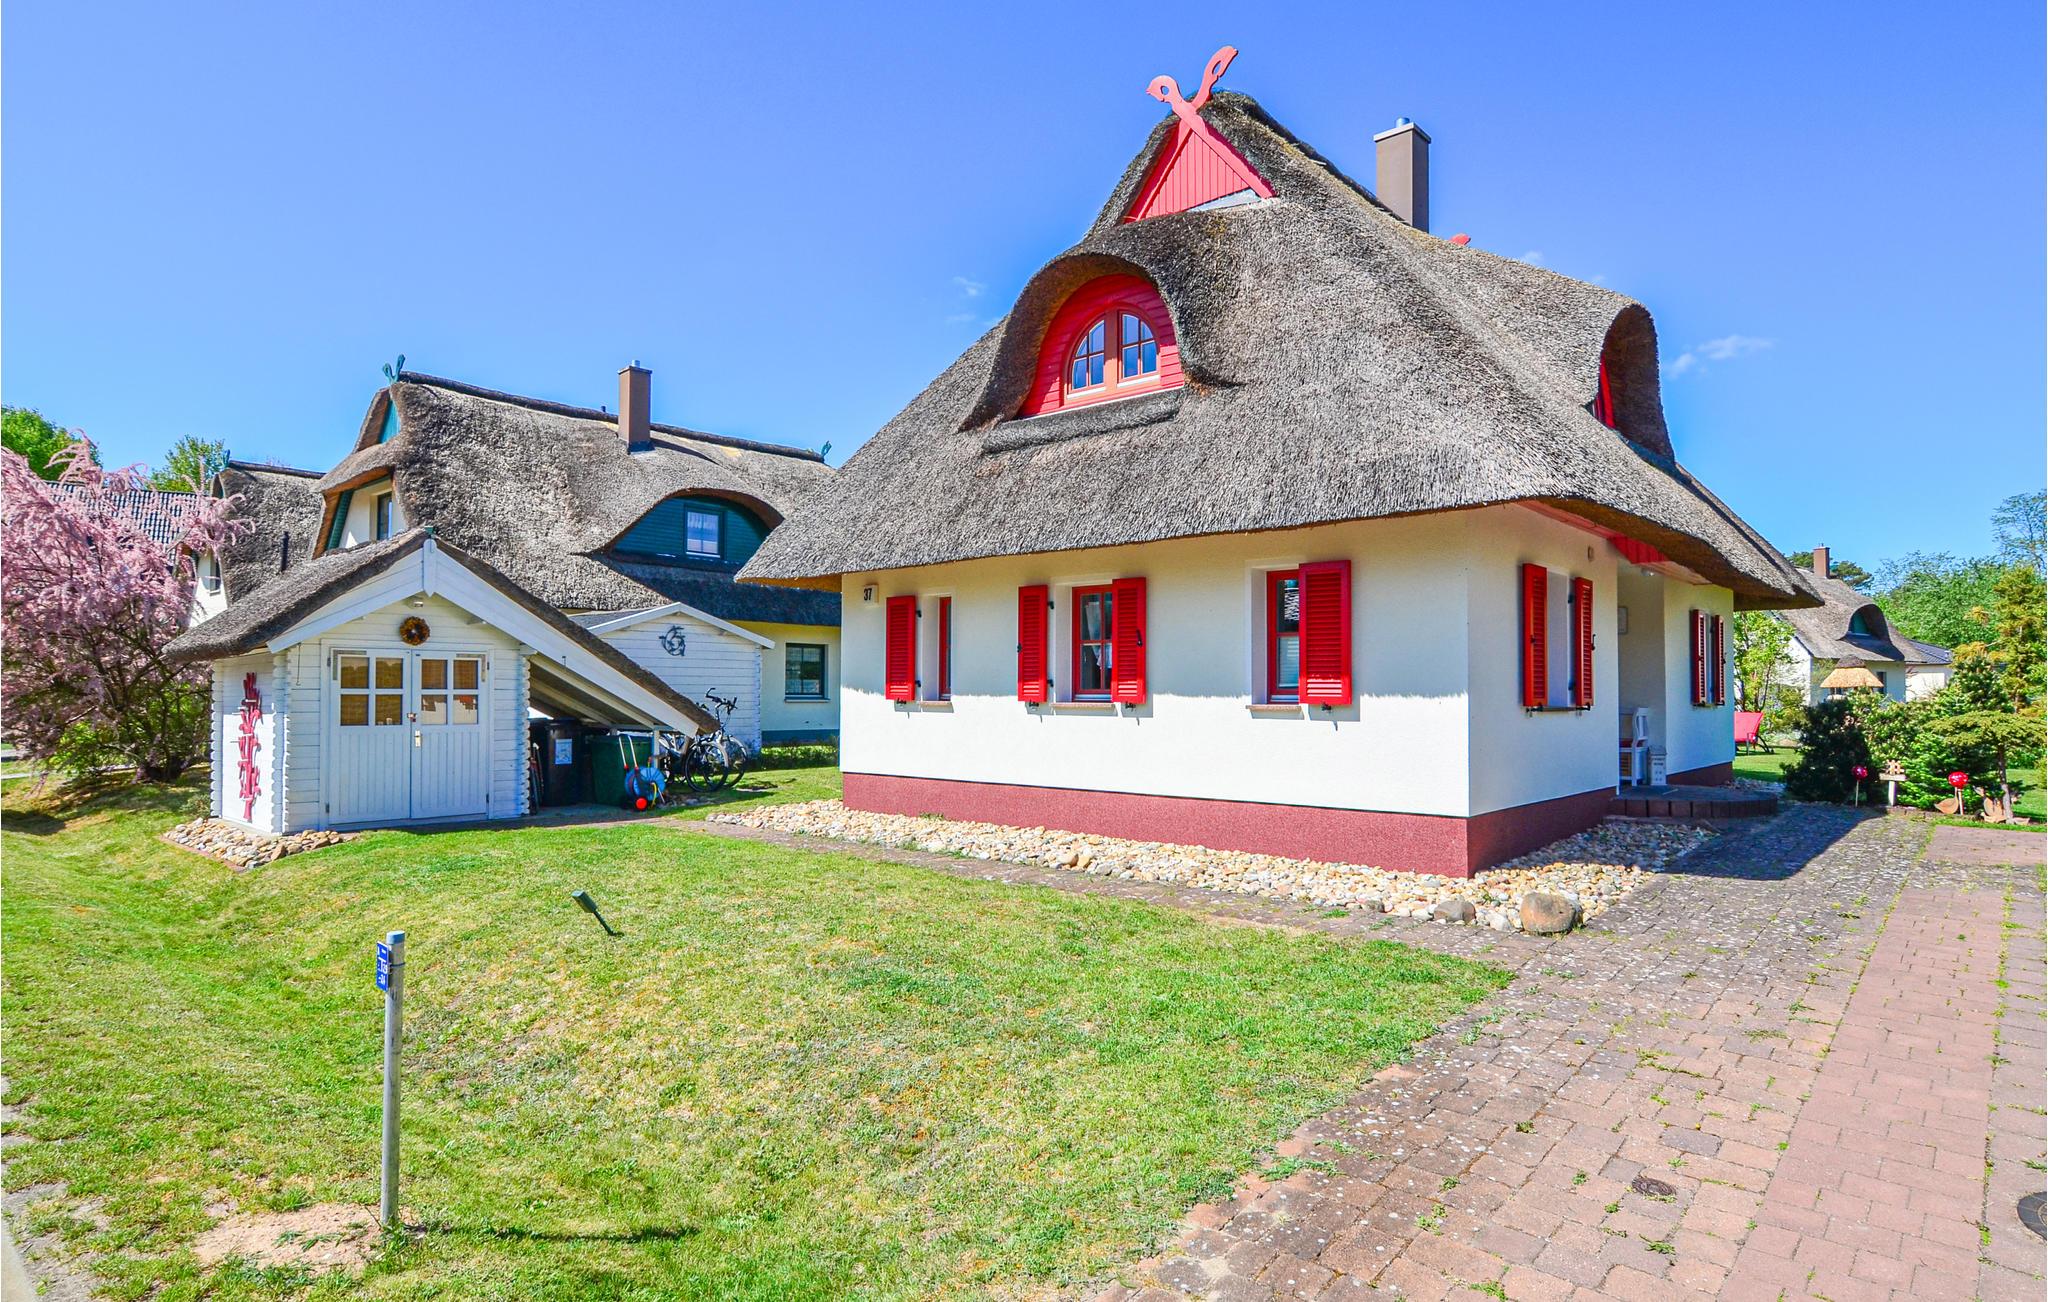 TIP bungalow Spreewald 🏕️Novasol Reethausdorf Wendisch-Rietz